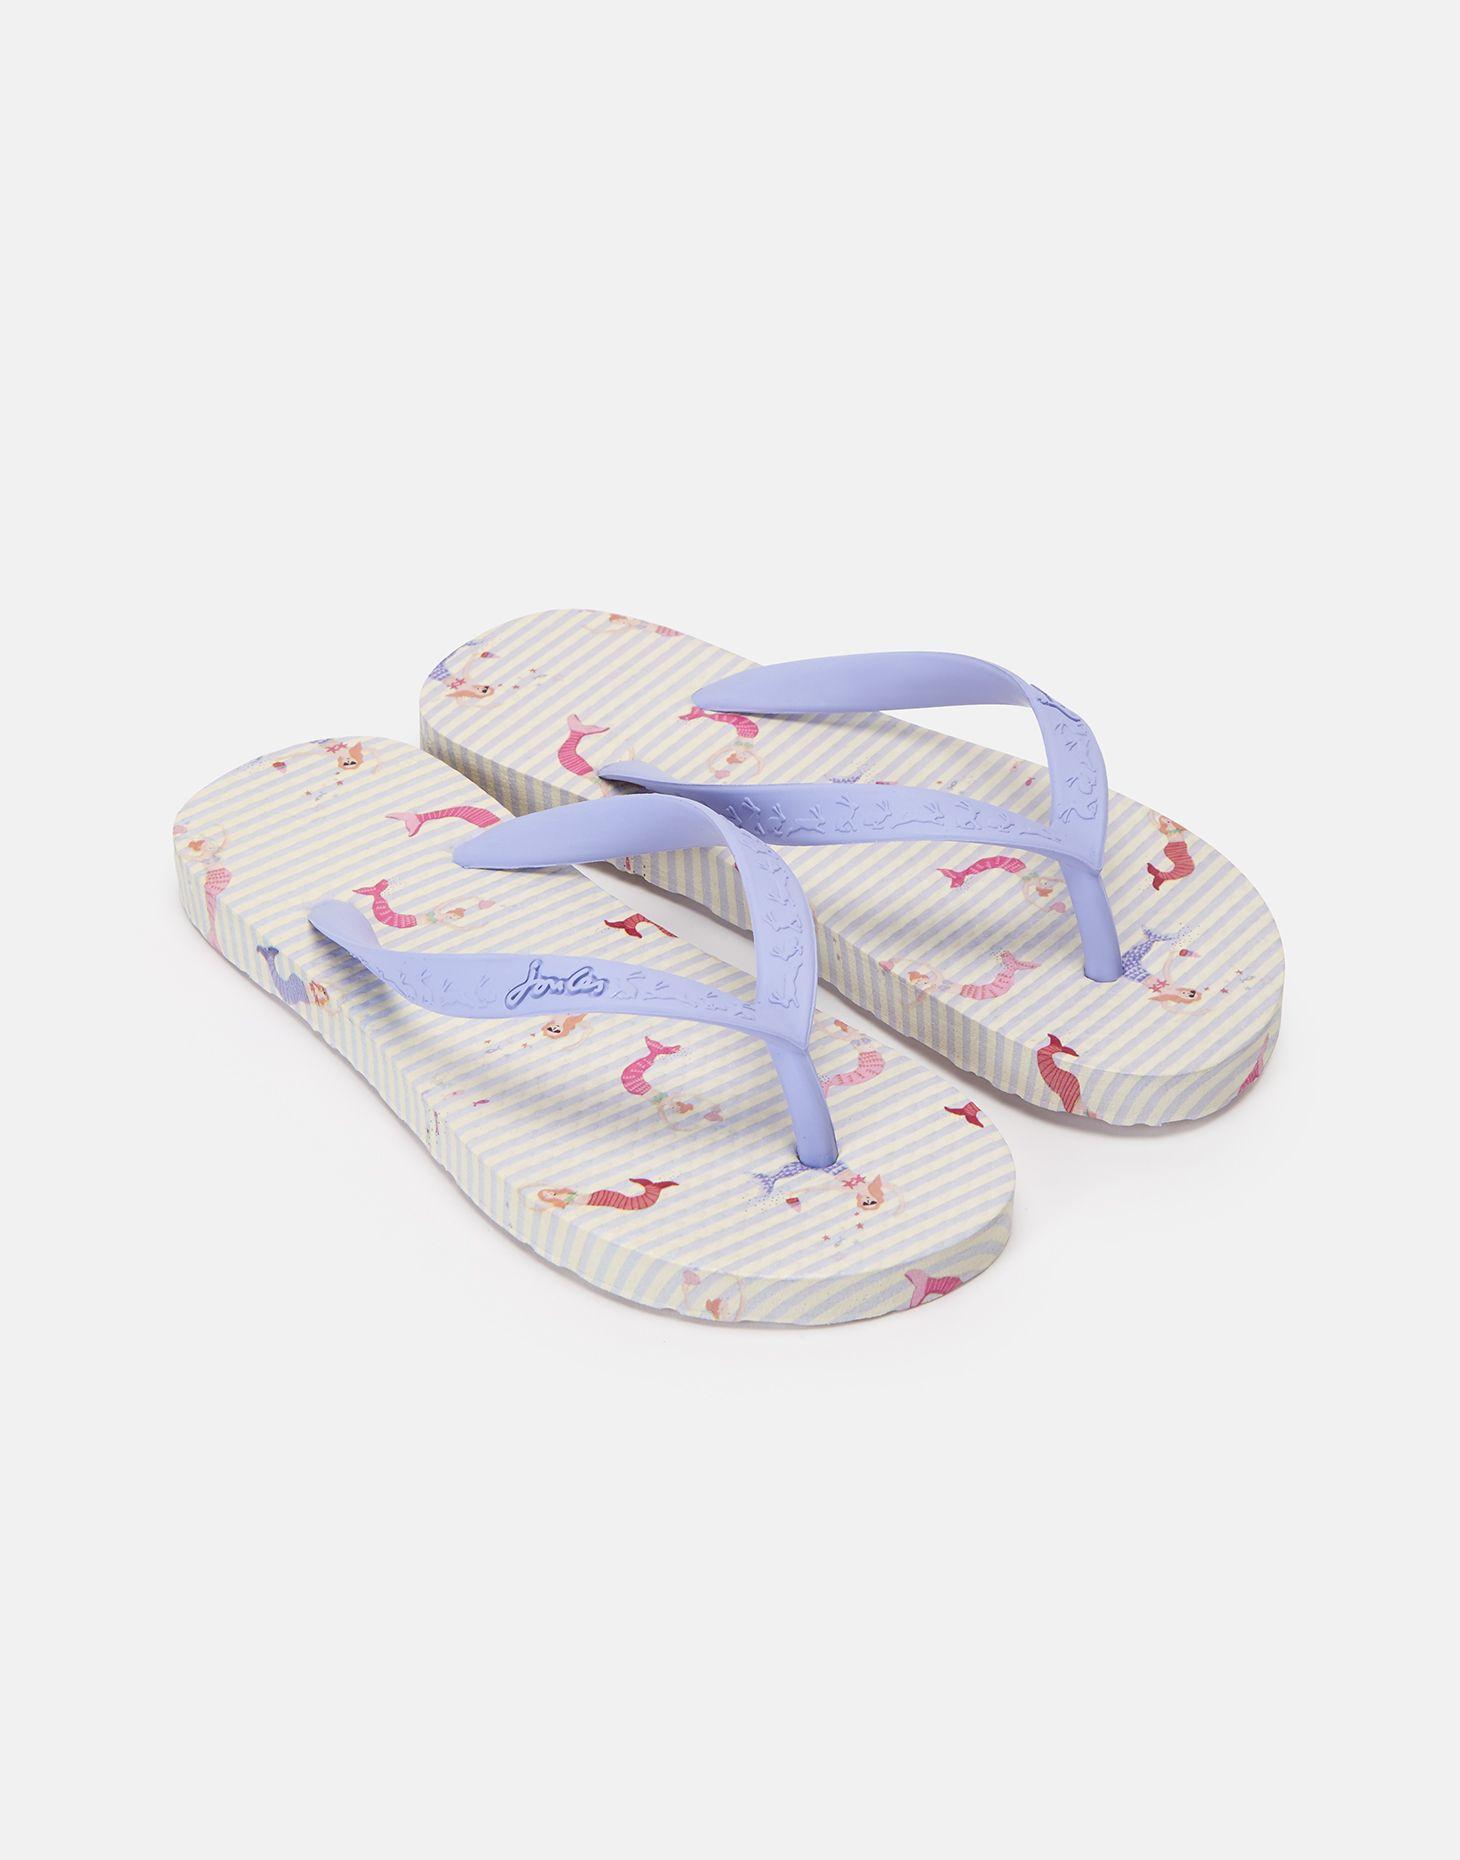 Joules 201367 Girls Rubber Slip On Summer Flip Flops White Mermaid Floral